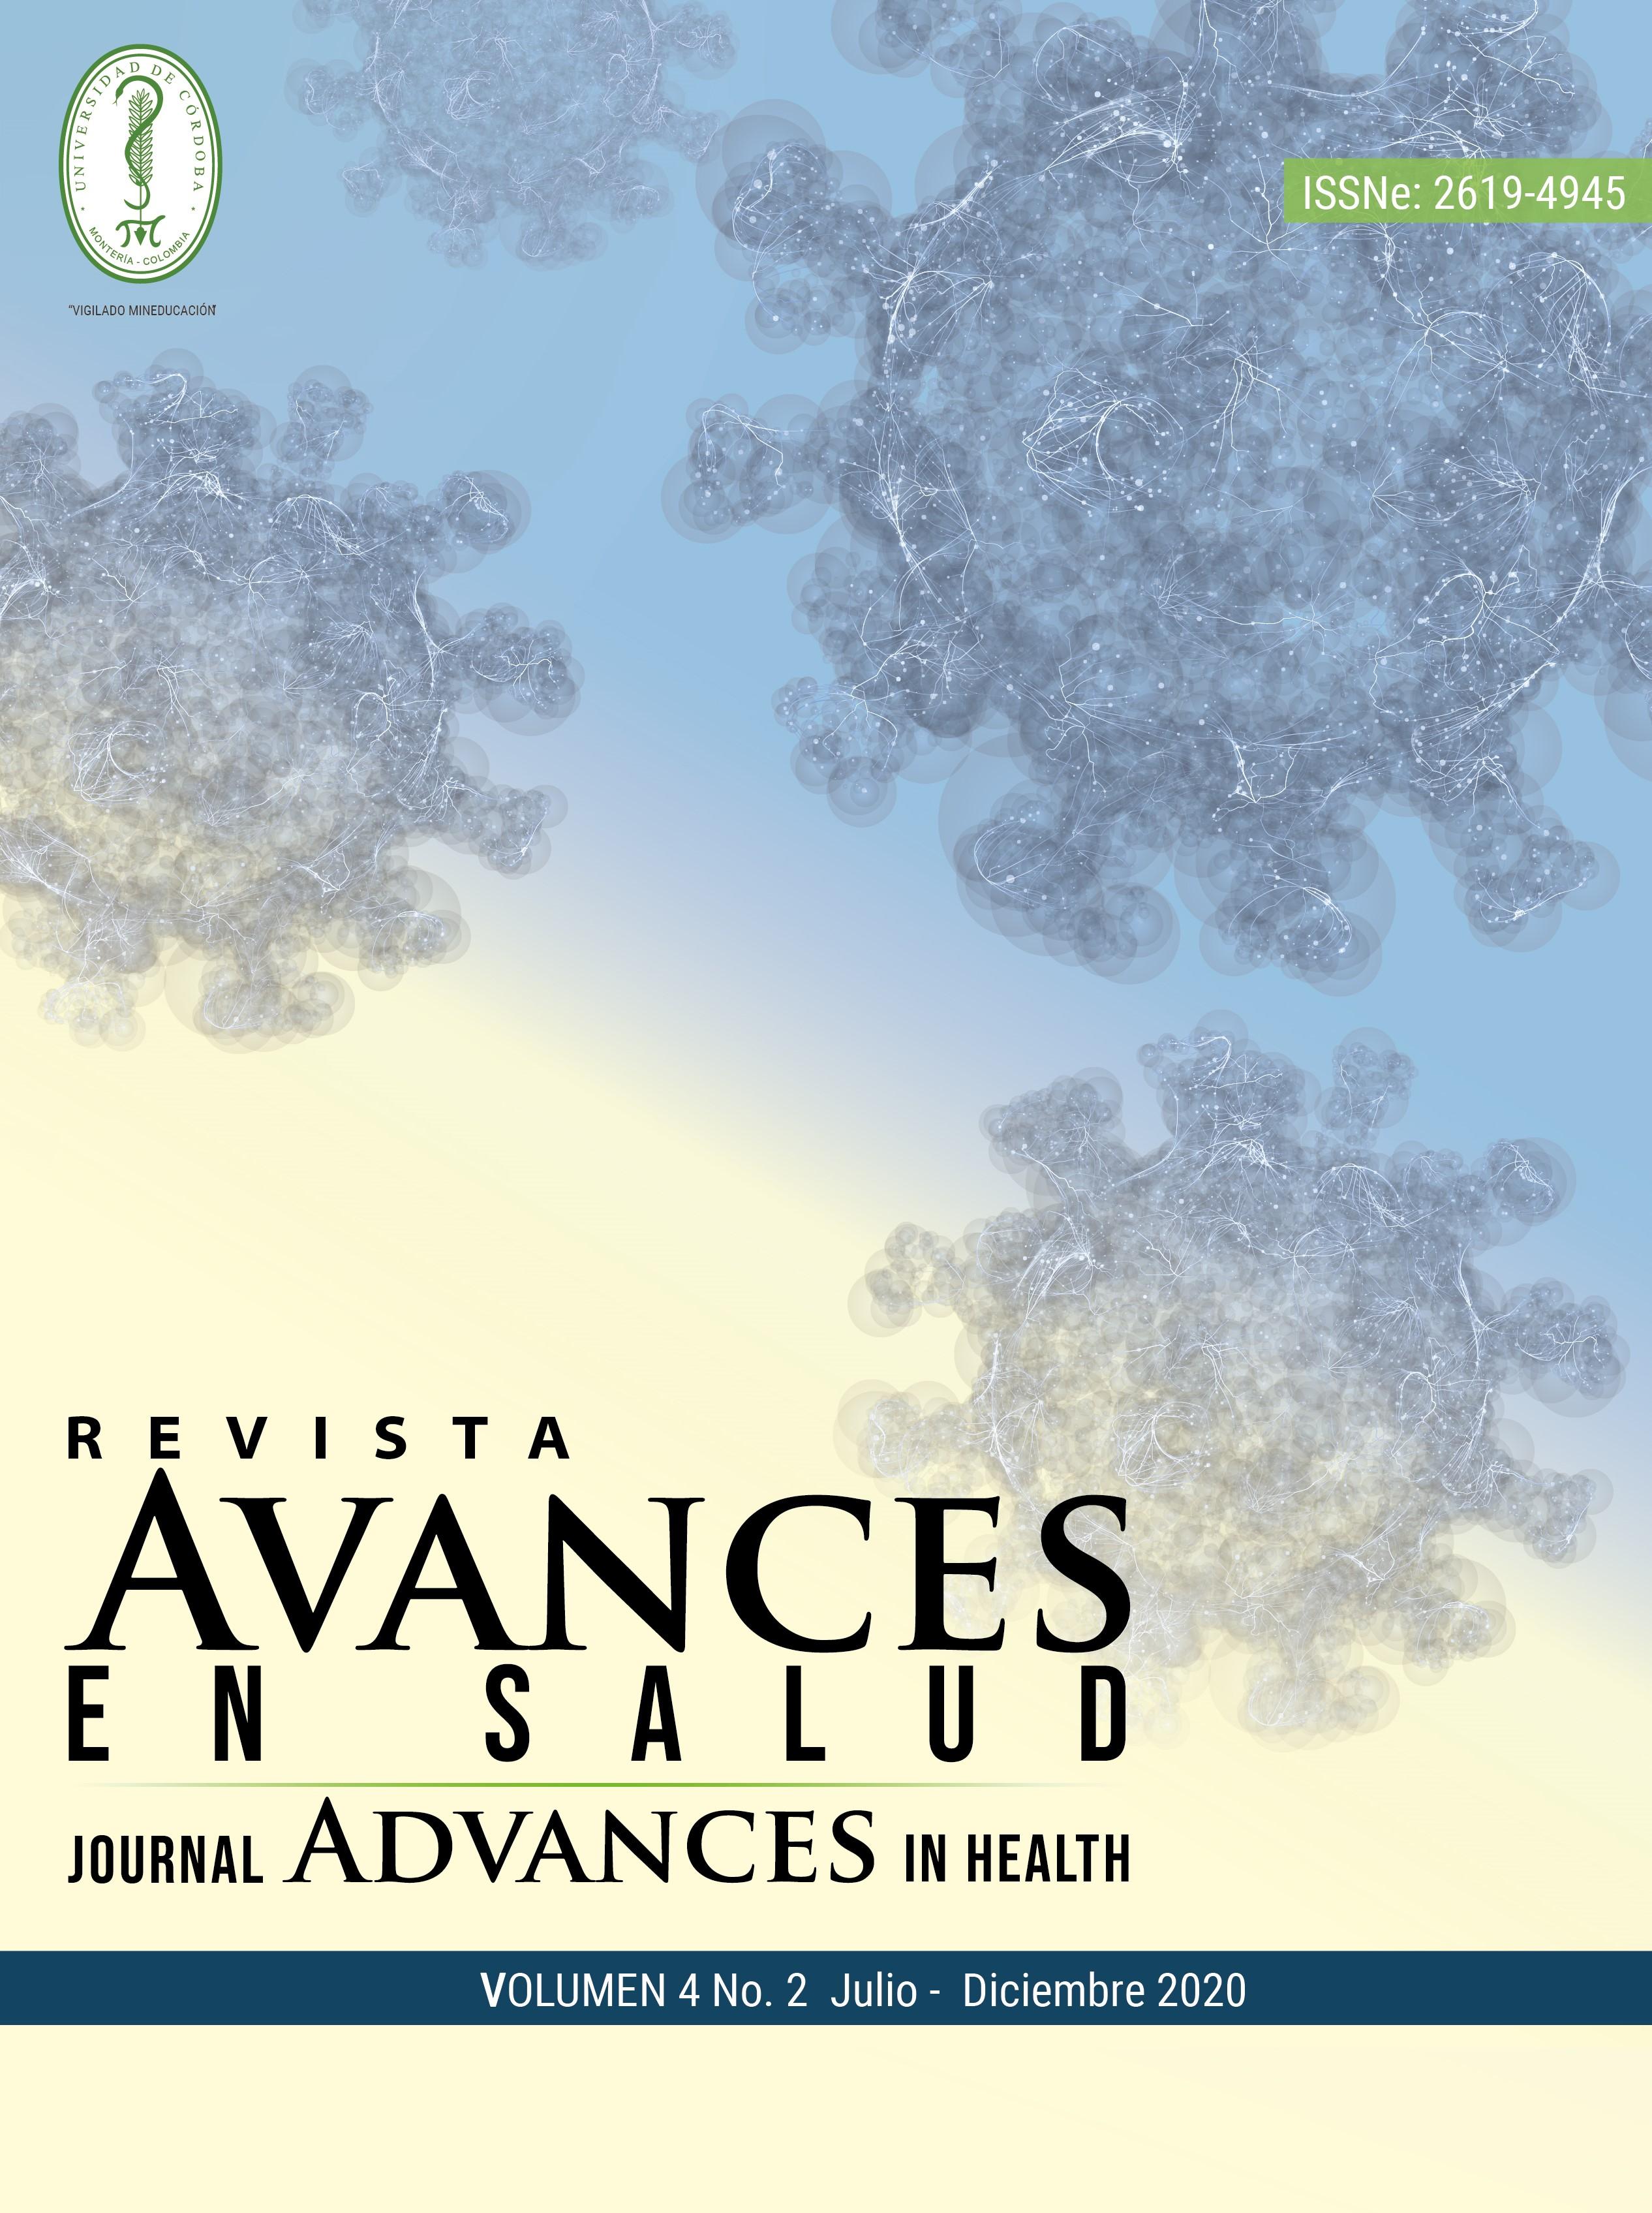 Portada de la Revista avances en salud , Volumen 4 No.2 Julio - Diciembre 2020